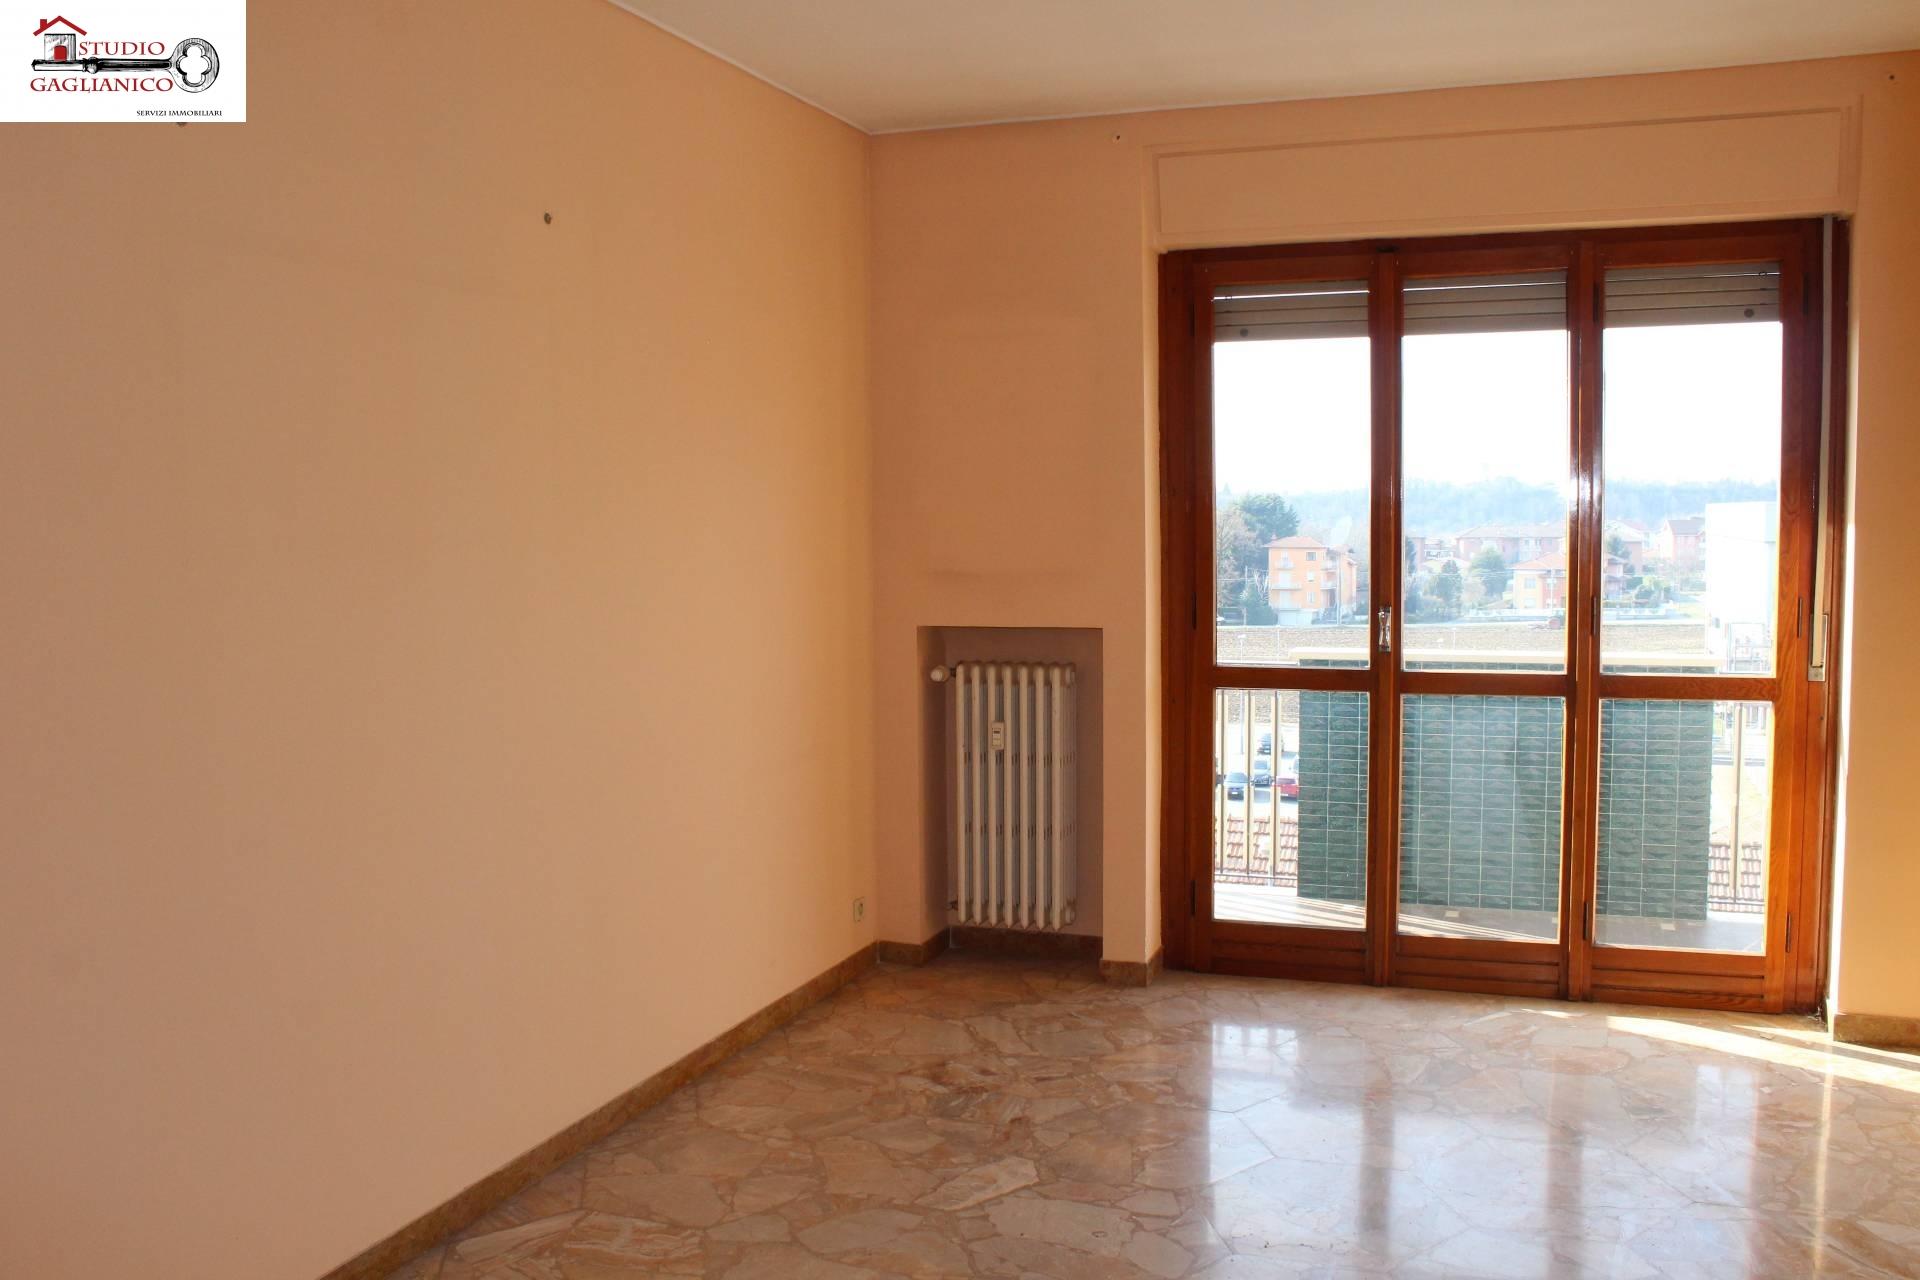 Appartamento in affitto a Vigliano Biellese (BI)